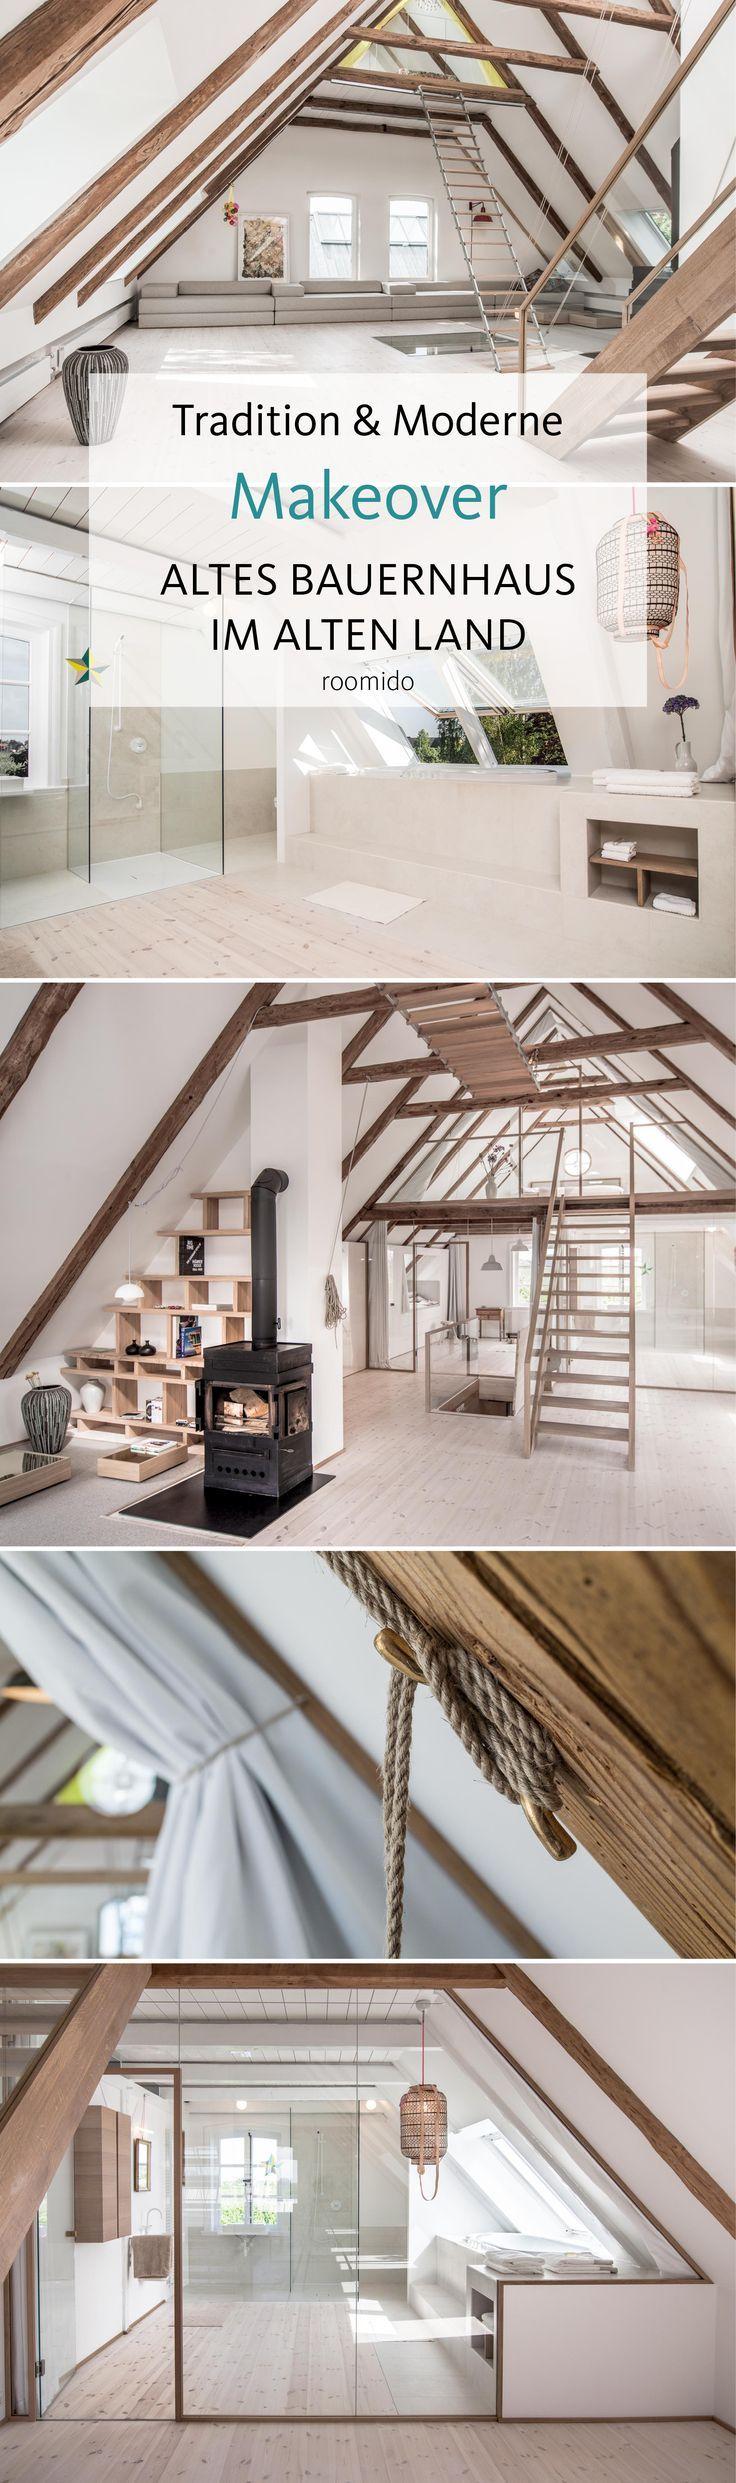 Bauernhaus • Bilder & Ideen